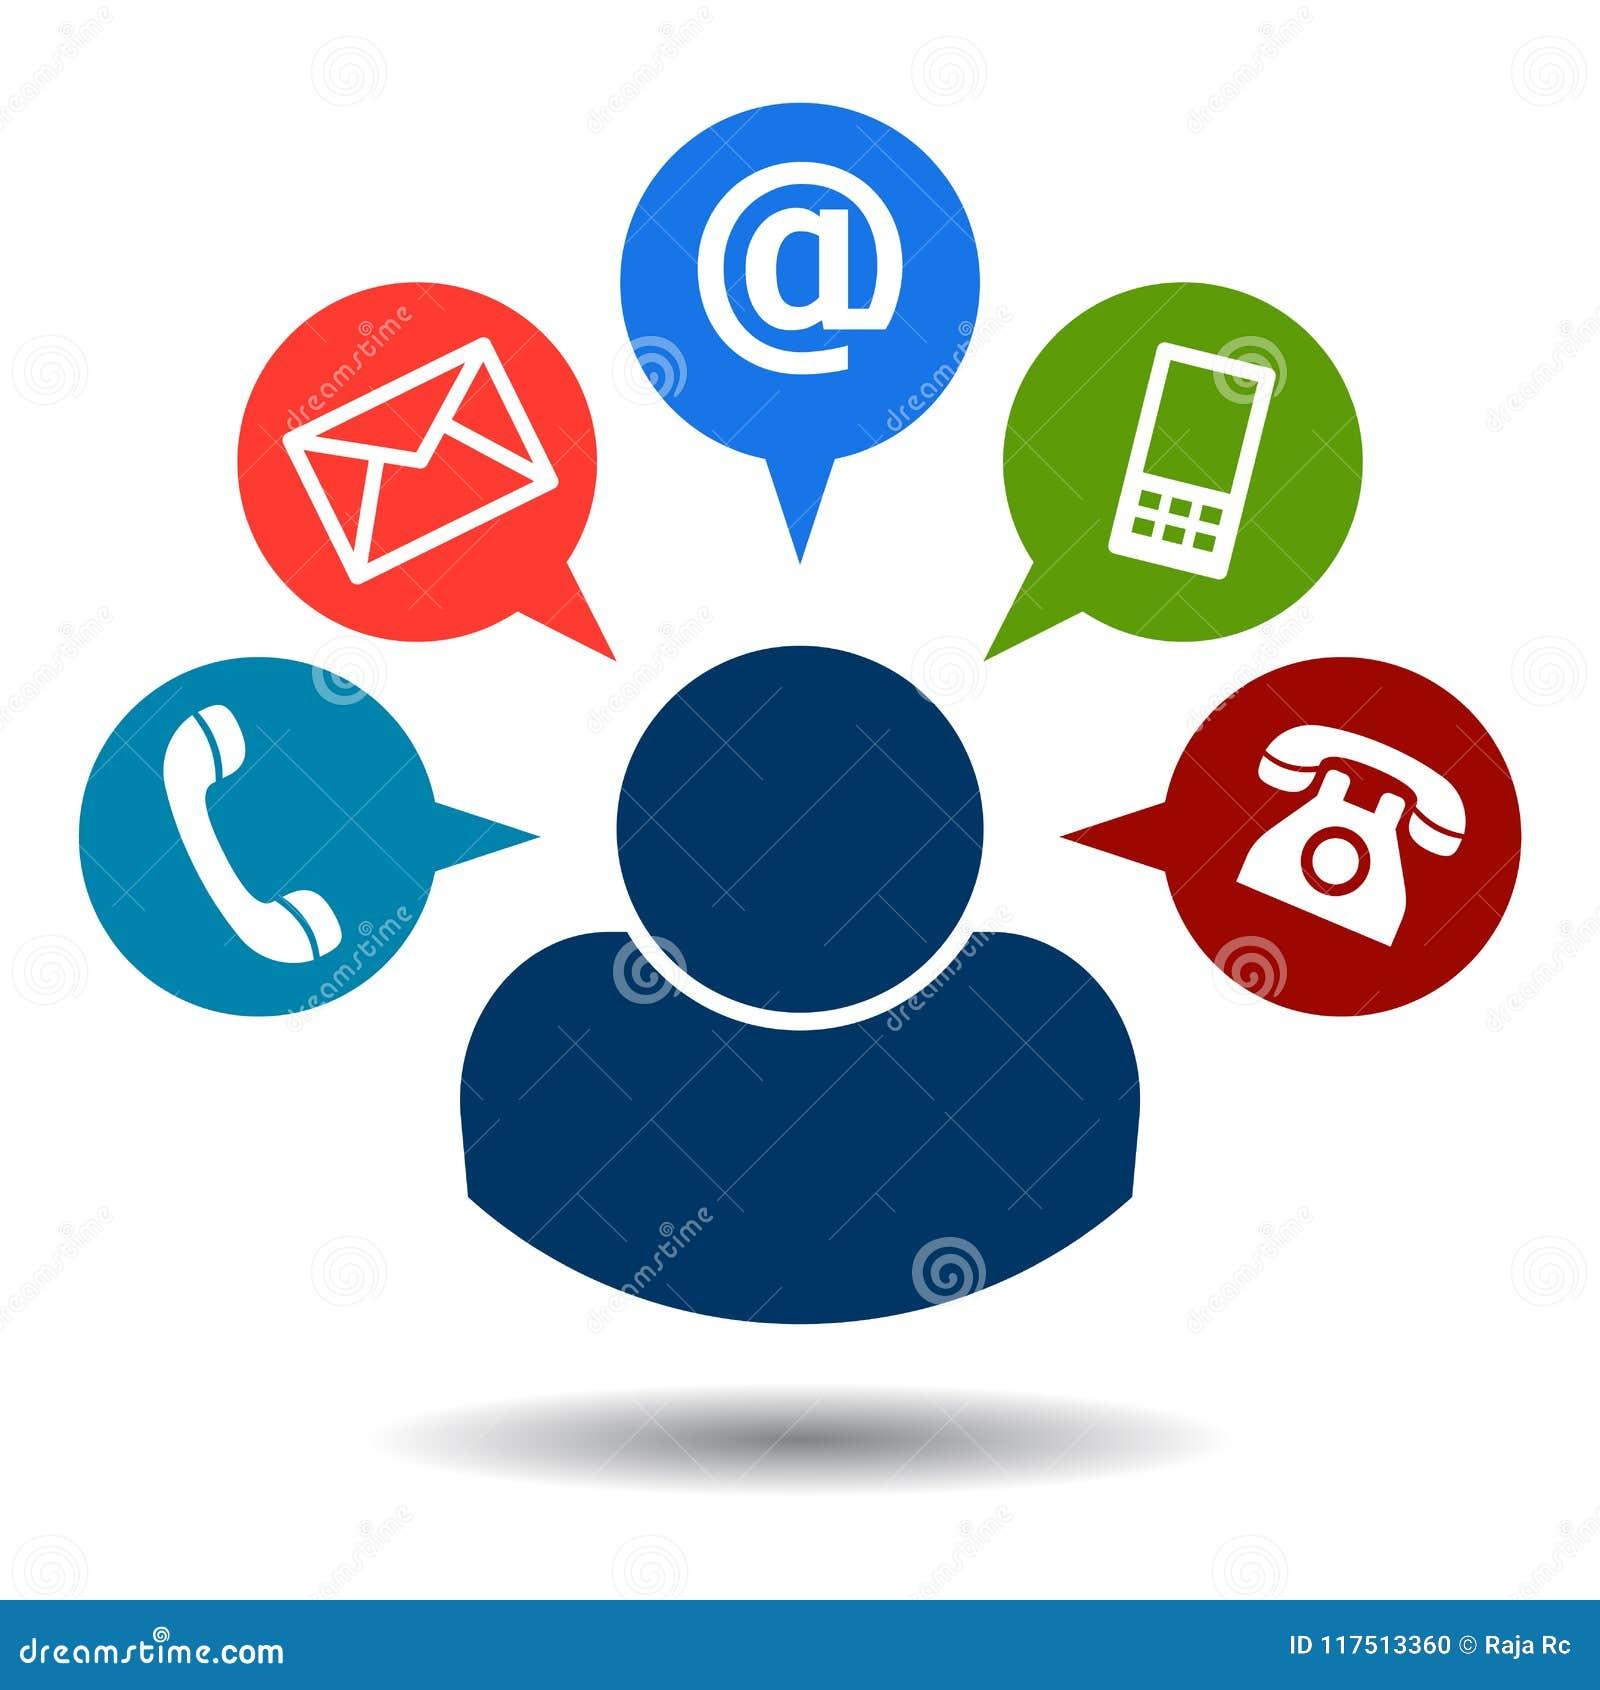 Kontaktuje się my wywoławcze poczta ikony